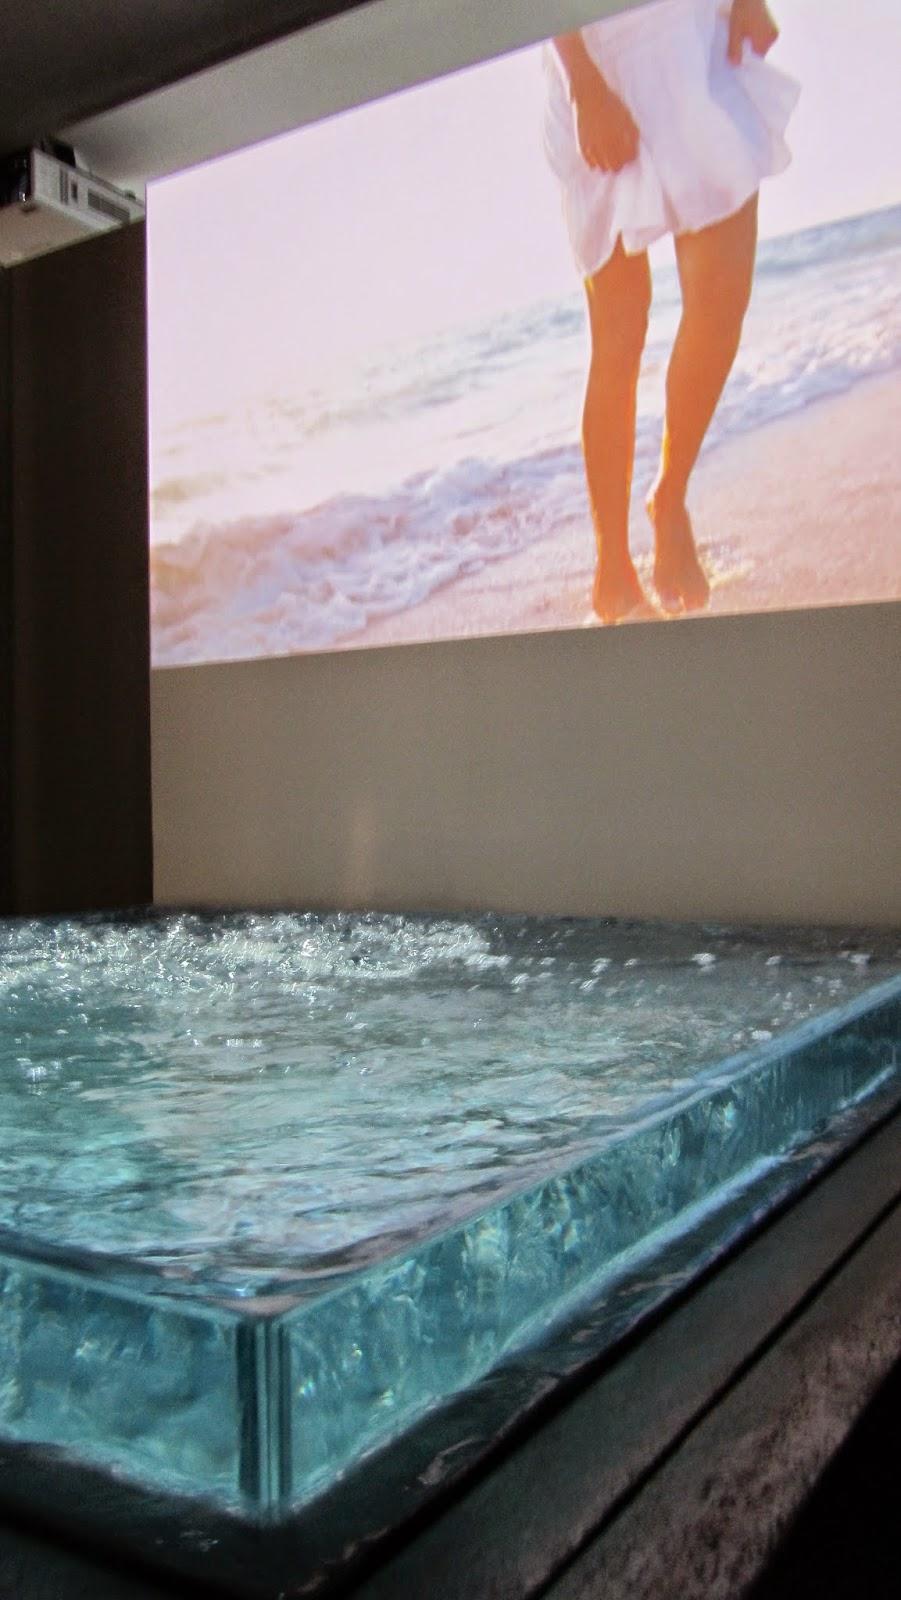 Effetti speciali e celebrazioni a lione piscine laghetto for Vasca laghetto